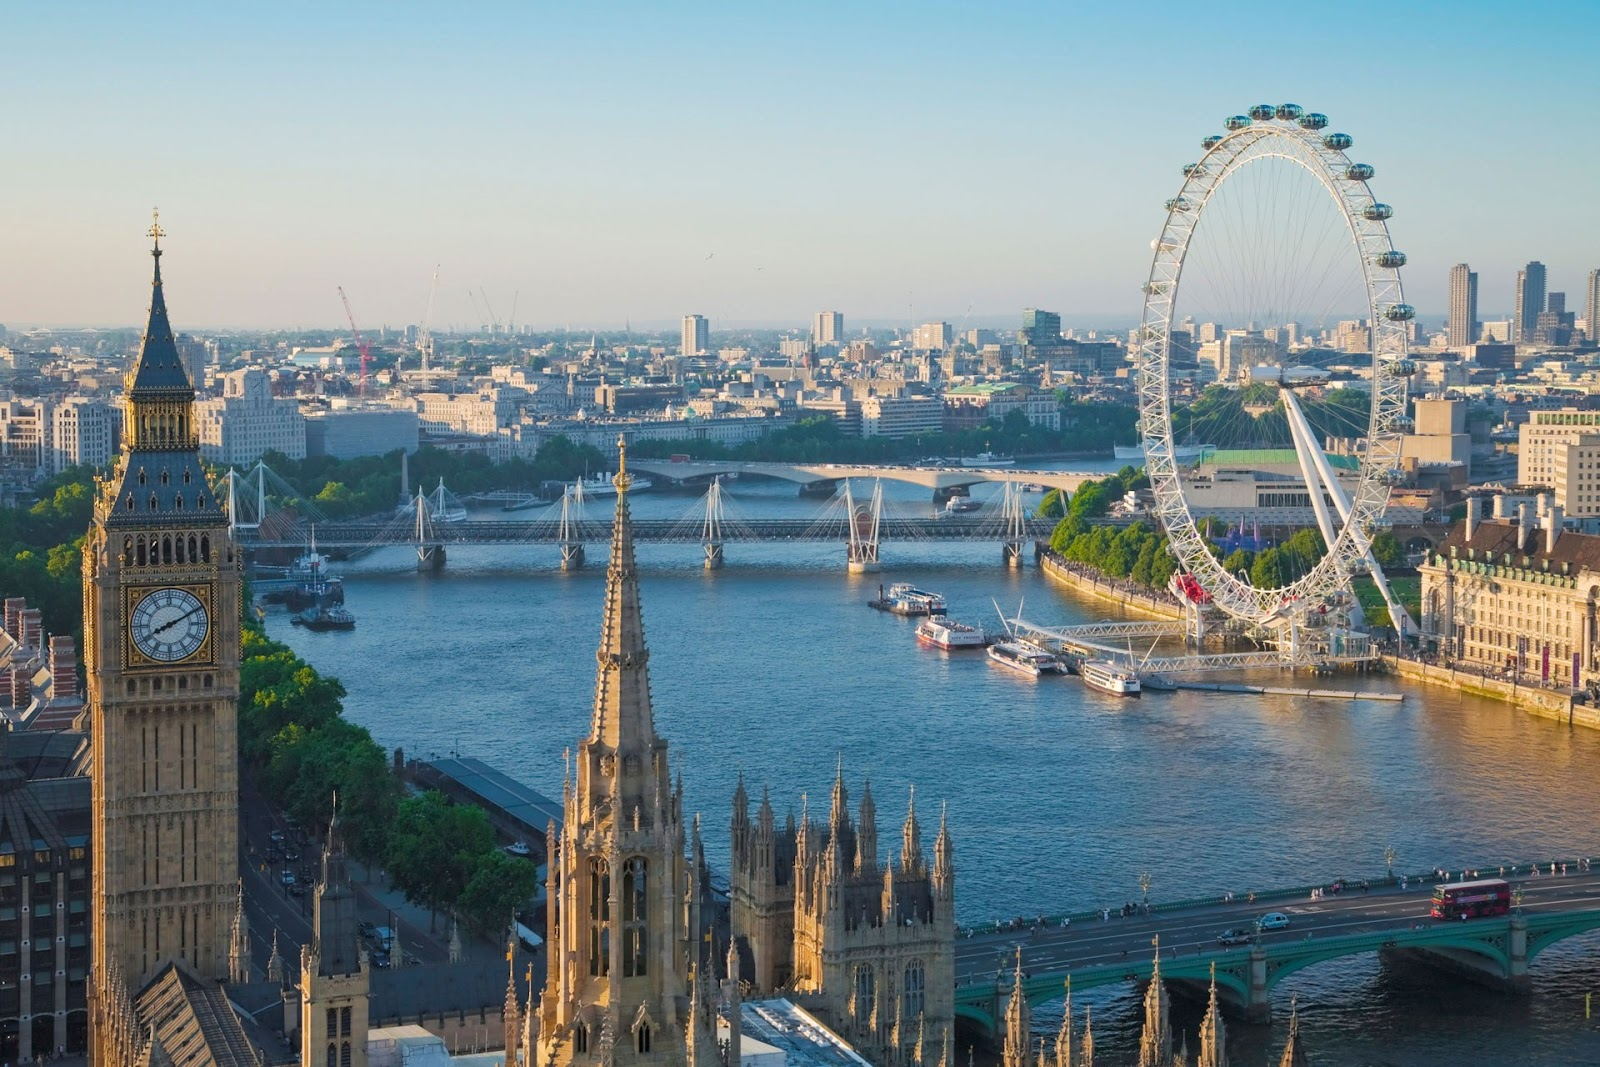 london-eye-london.jpg